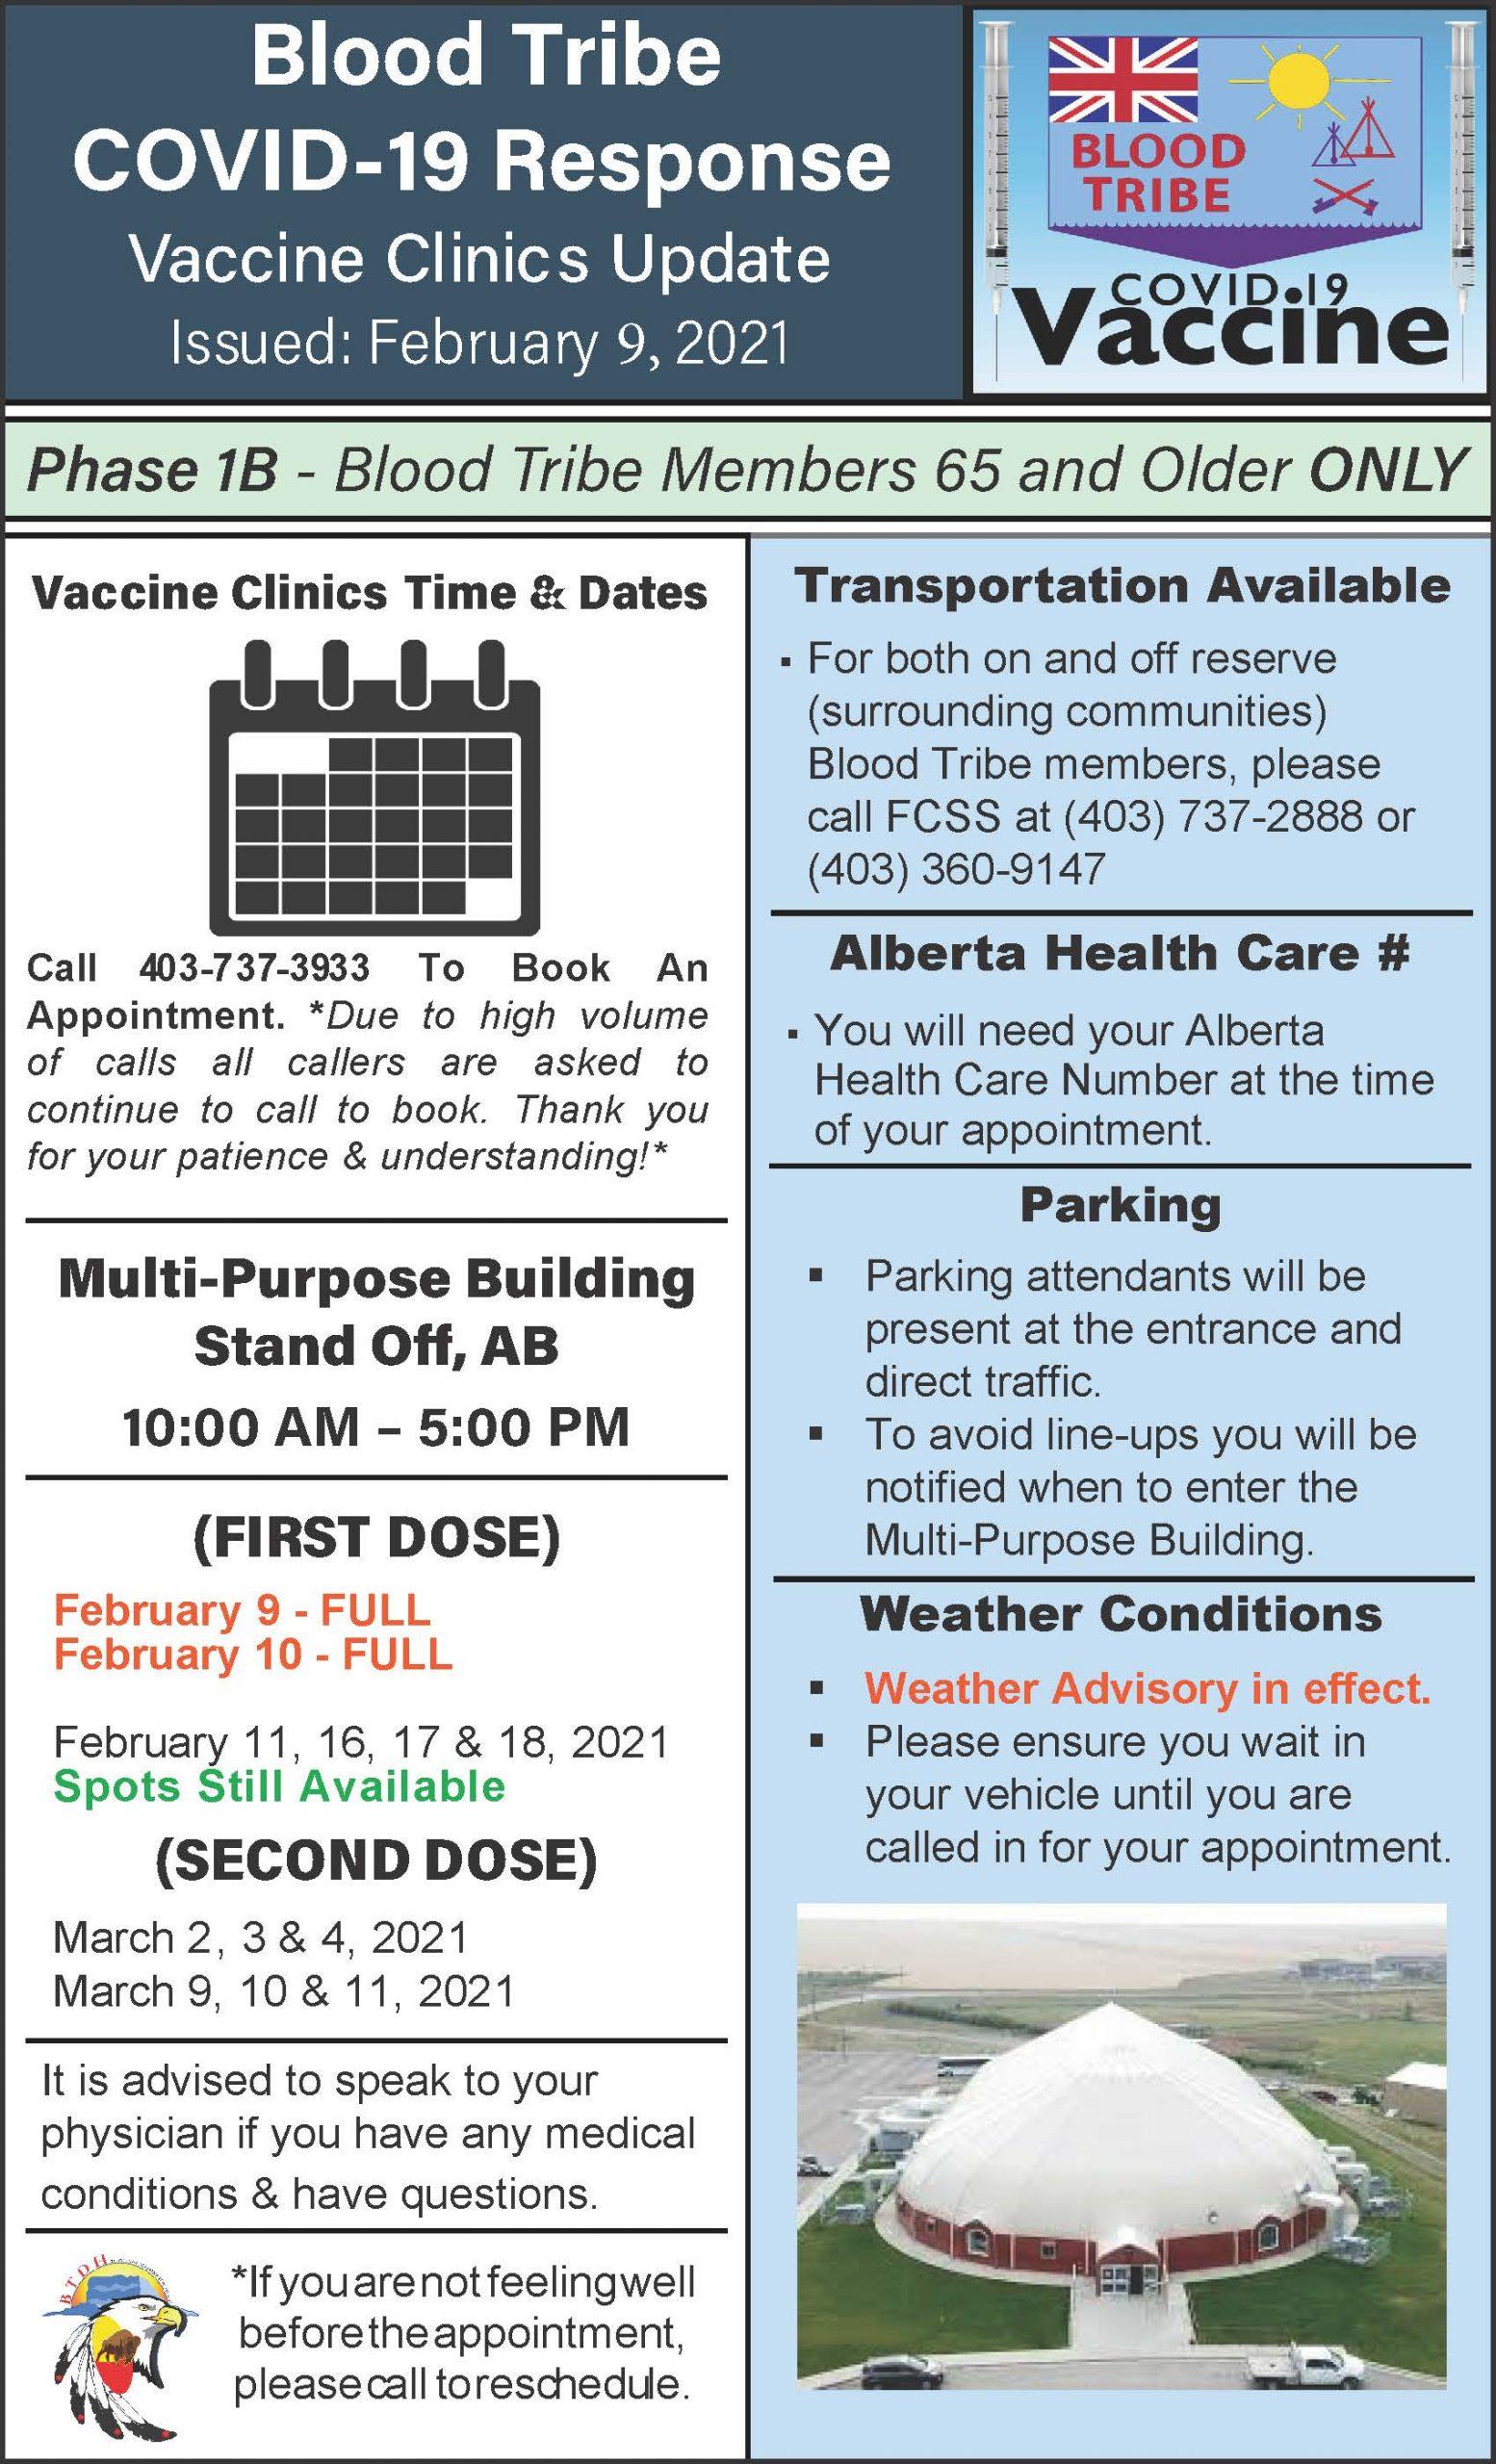 COVID-19 Vaccine Clinic Update - February 9, 2021